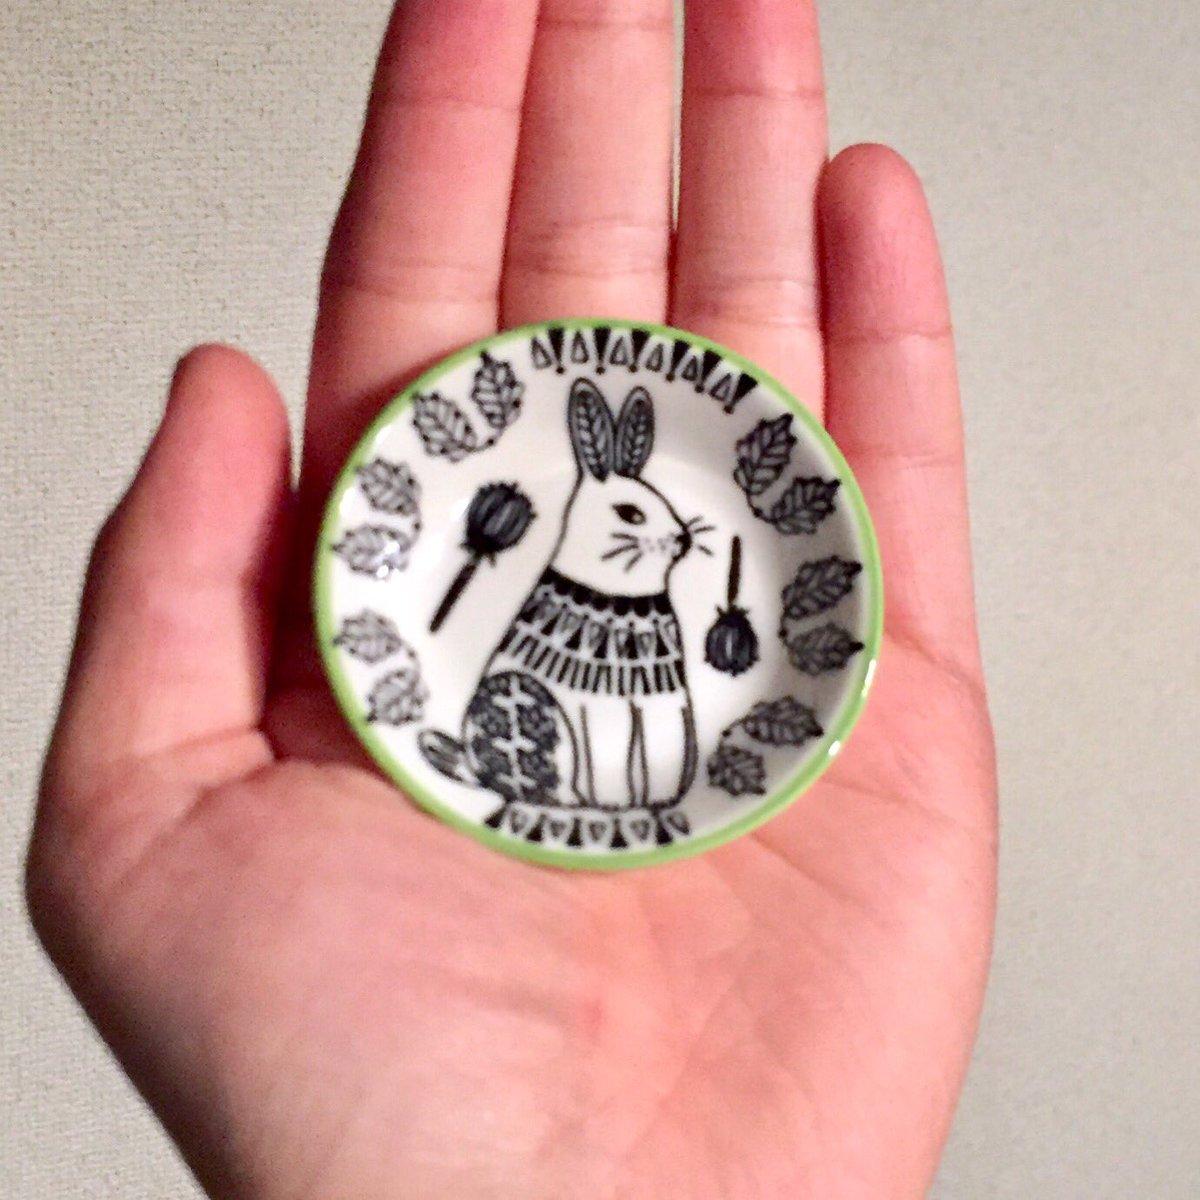 test ツイッターメディア - 今日はセリアで新しい豆皿をゲット! 豆皿のラインナップが増えましたねー この可愛いお皿にはやっぱり海外の料理かなあ? #マイクロフード #ミニチュア #miniature #ミニチュアフード #microfood #豆皿 #蚤の市 #100円 #100円ショップ #100均 #108円 #seria #セリア #セリア食器 #mamezara #dish https://t.co/cNDTlqr0fZ